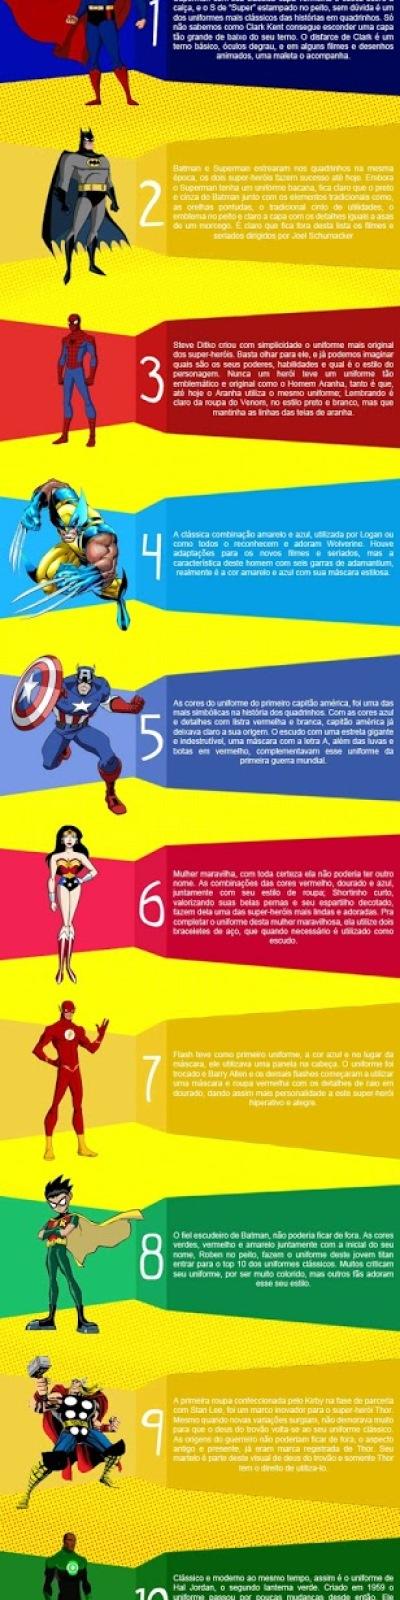 5bbc1 assistirfilmesonline uniformesdossuperherois - TOP 10 uniformes mais clássicos dos super hérois (infográfico)